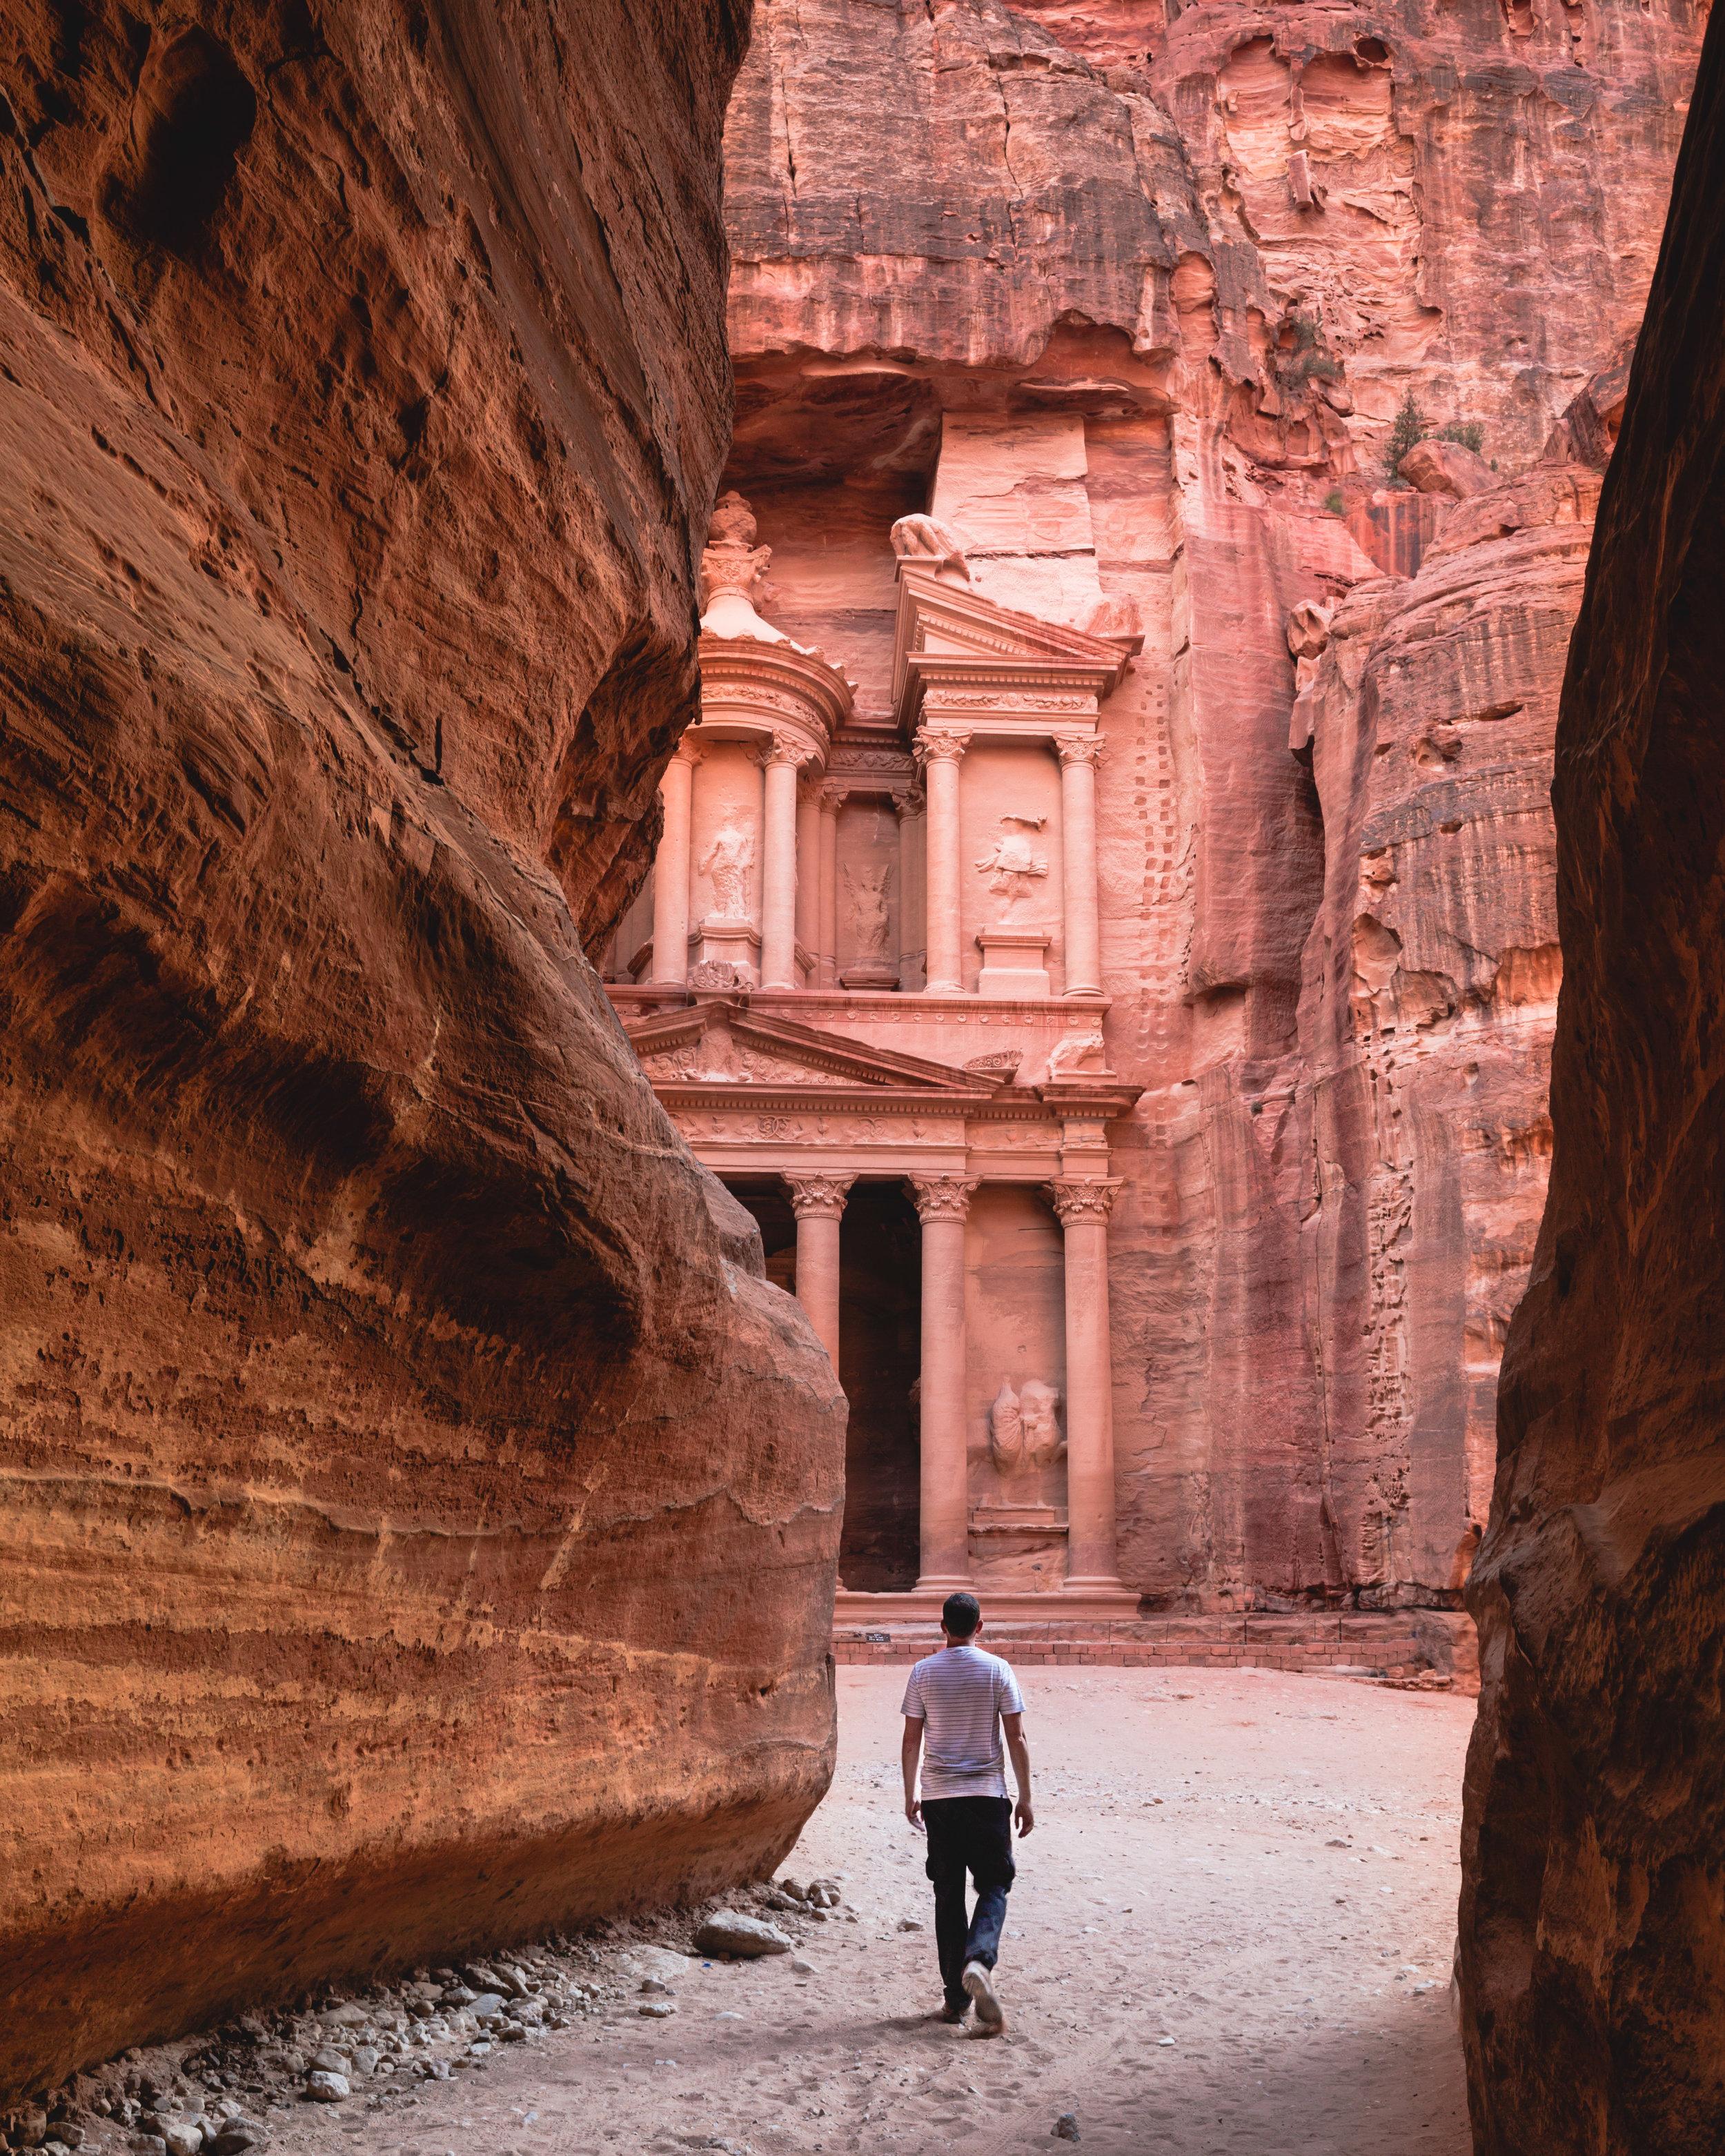 Jordan Itinerary - Sunrise at the treasury